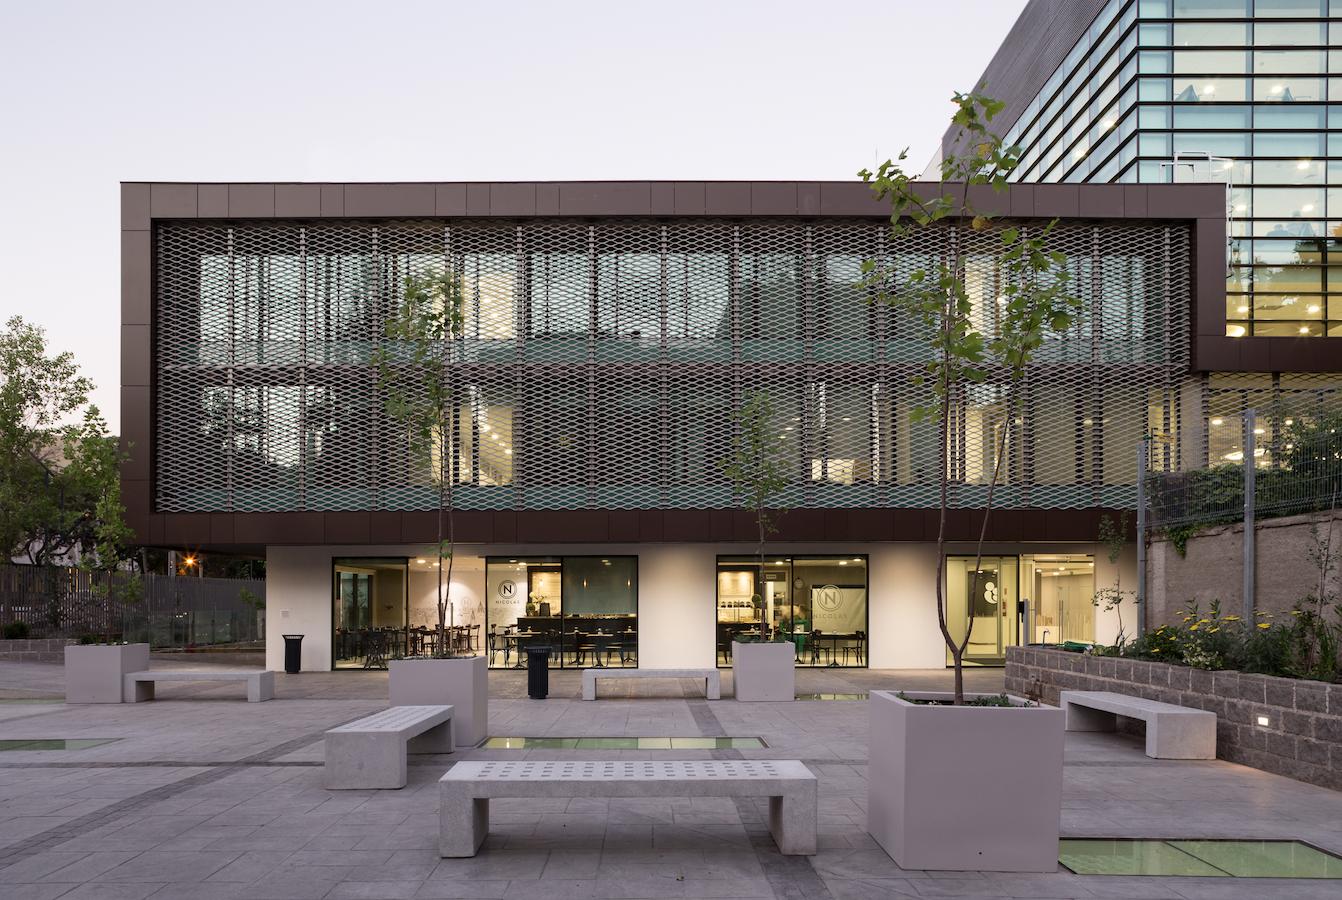 Soluciones para la arquitectura en malla